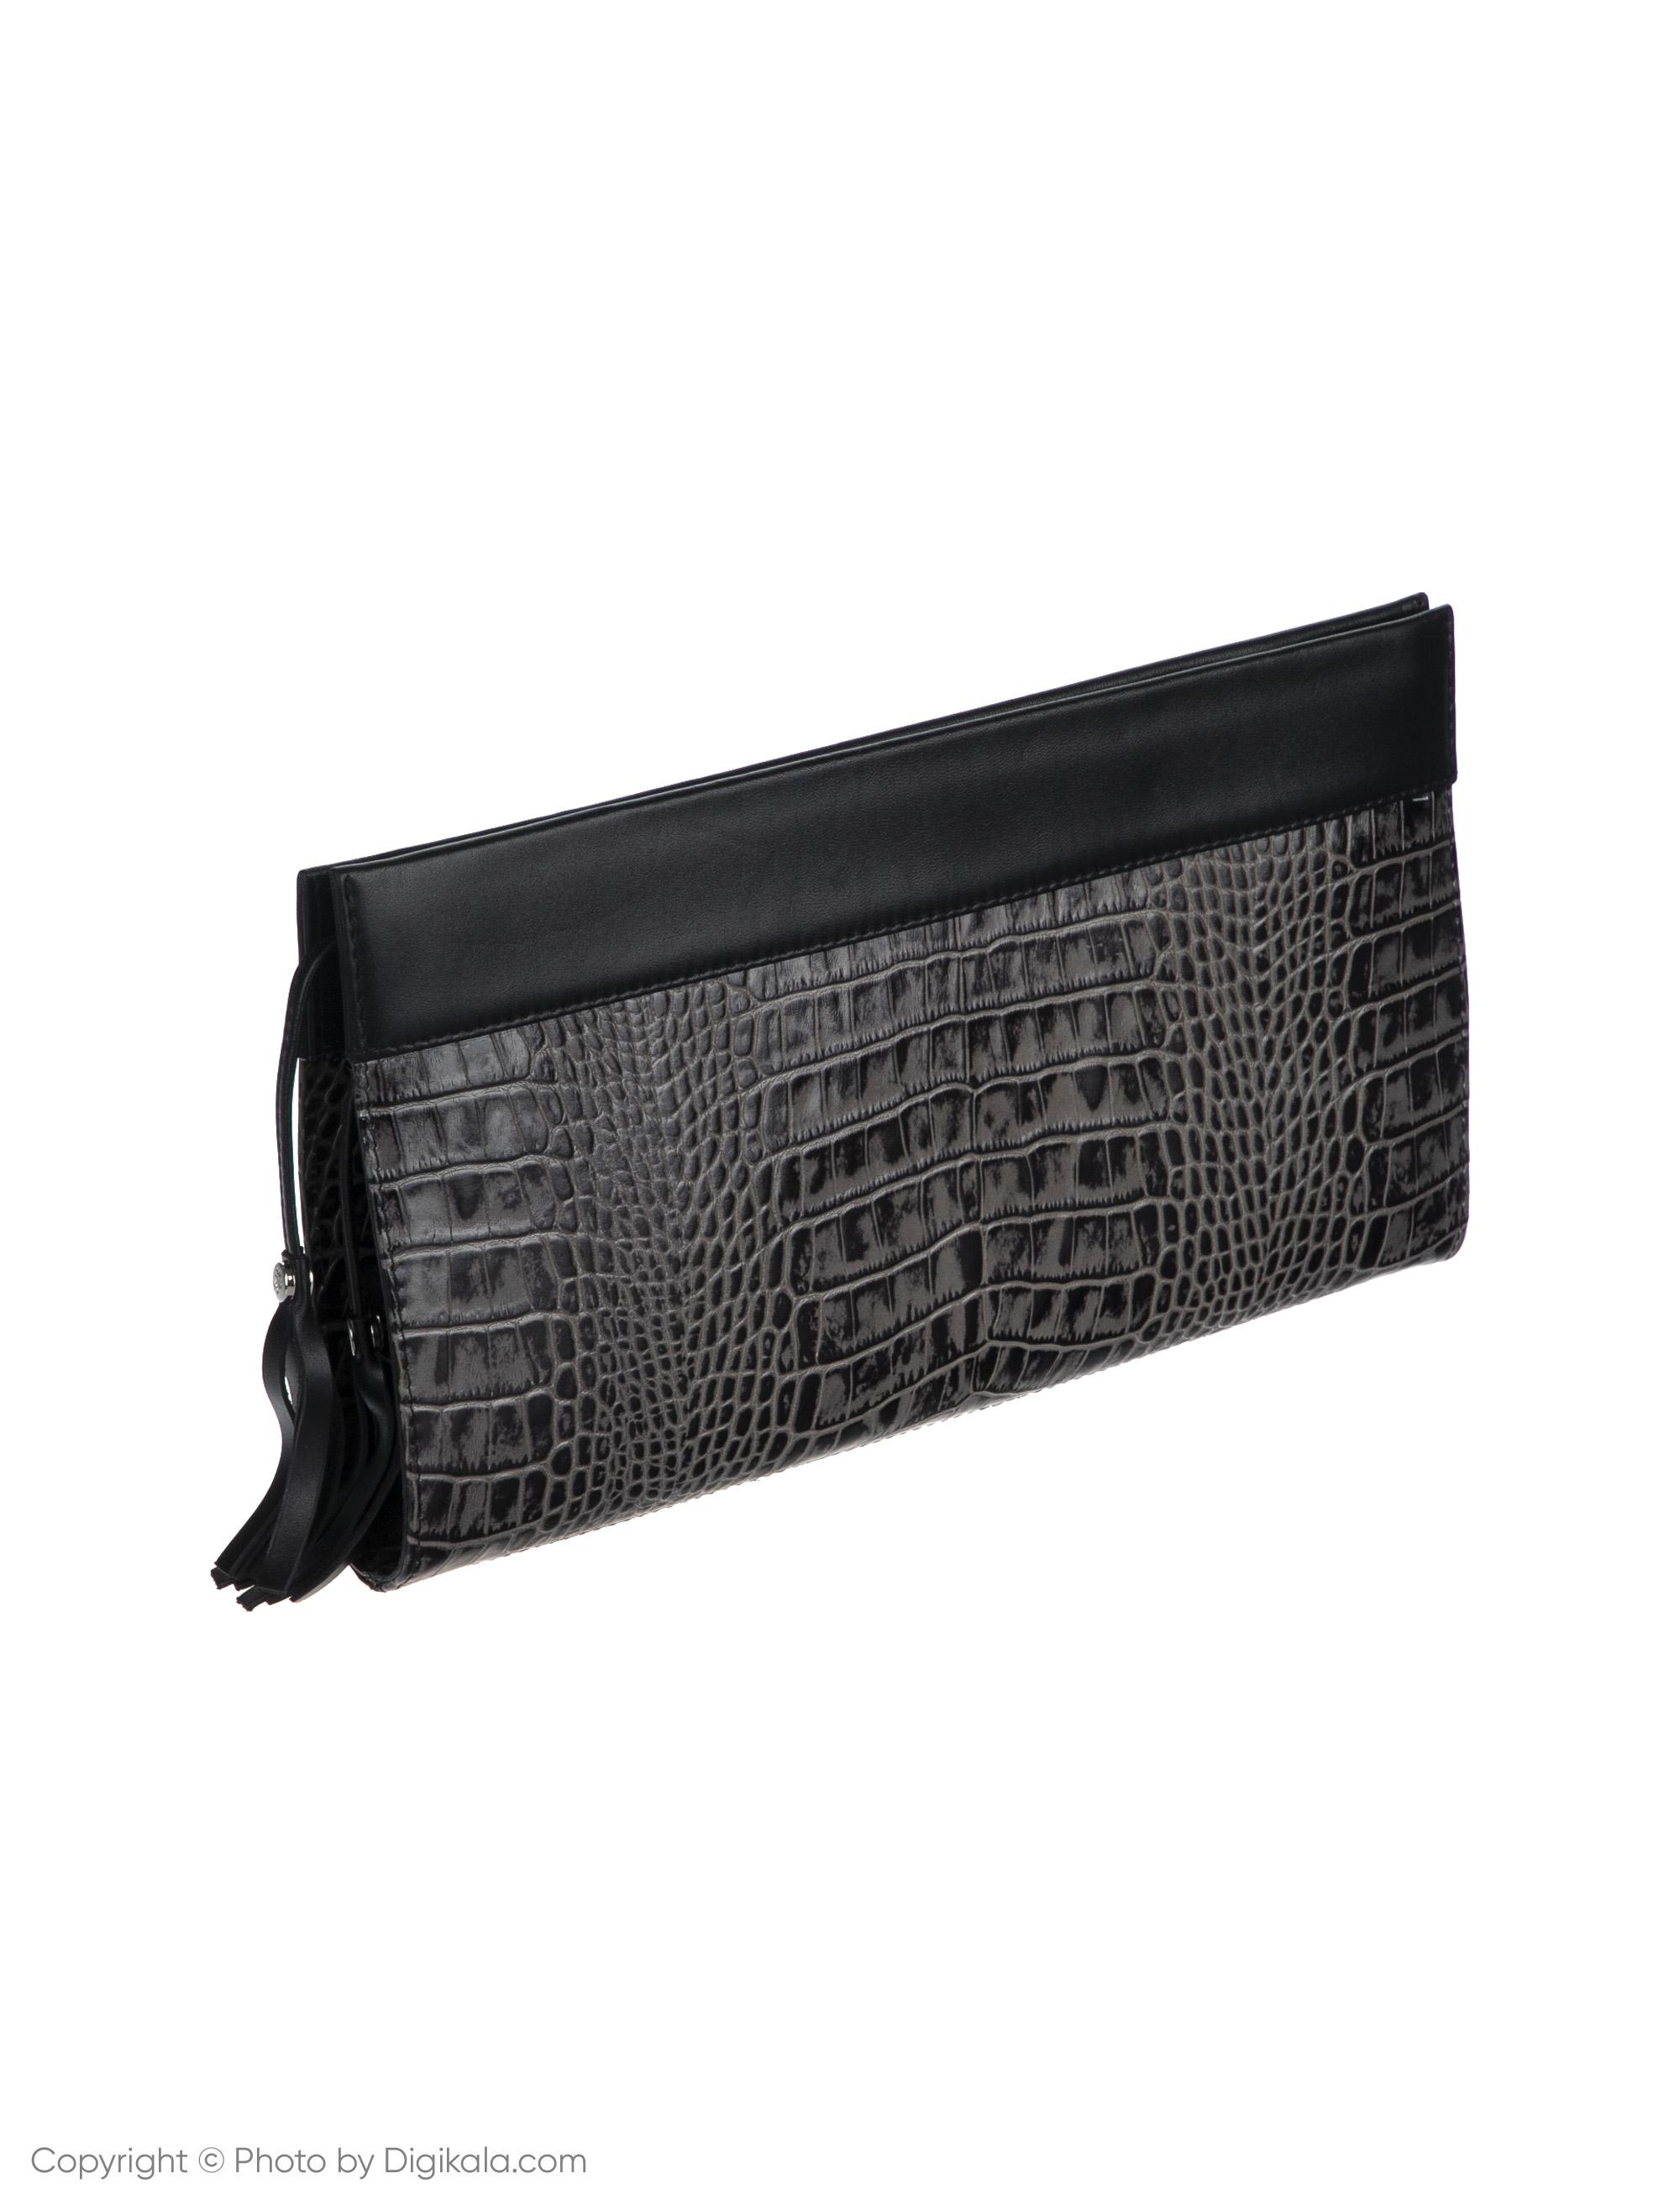 کیف دستی زنانه مارال چرم مدل 3604010070